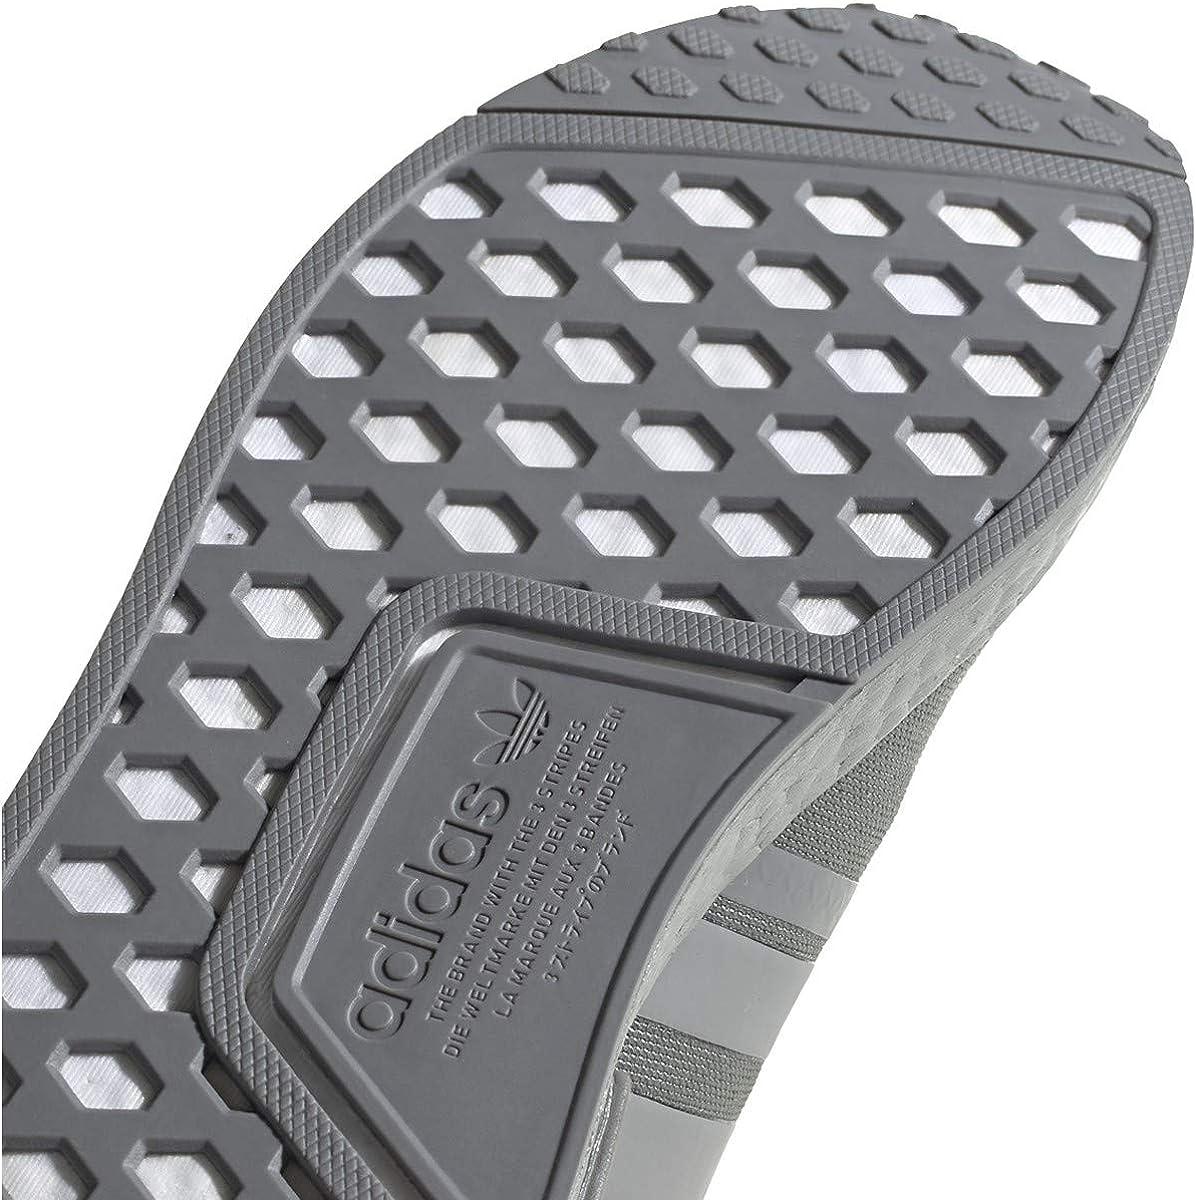 Adidas Herren NMD R1 Primeknit Sneaker Grau Drei Grau Drei Drei Grau Drei